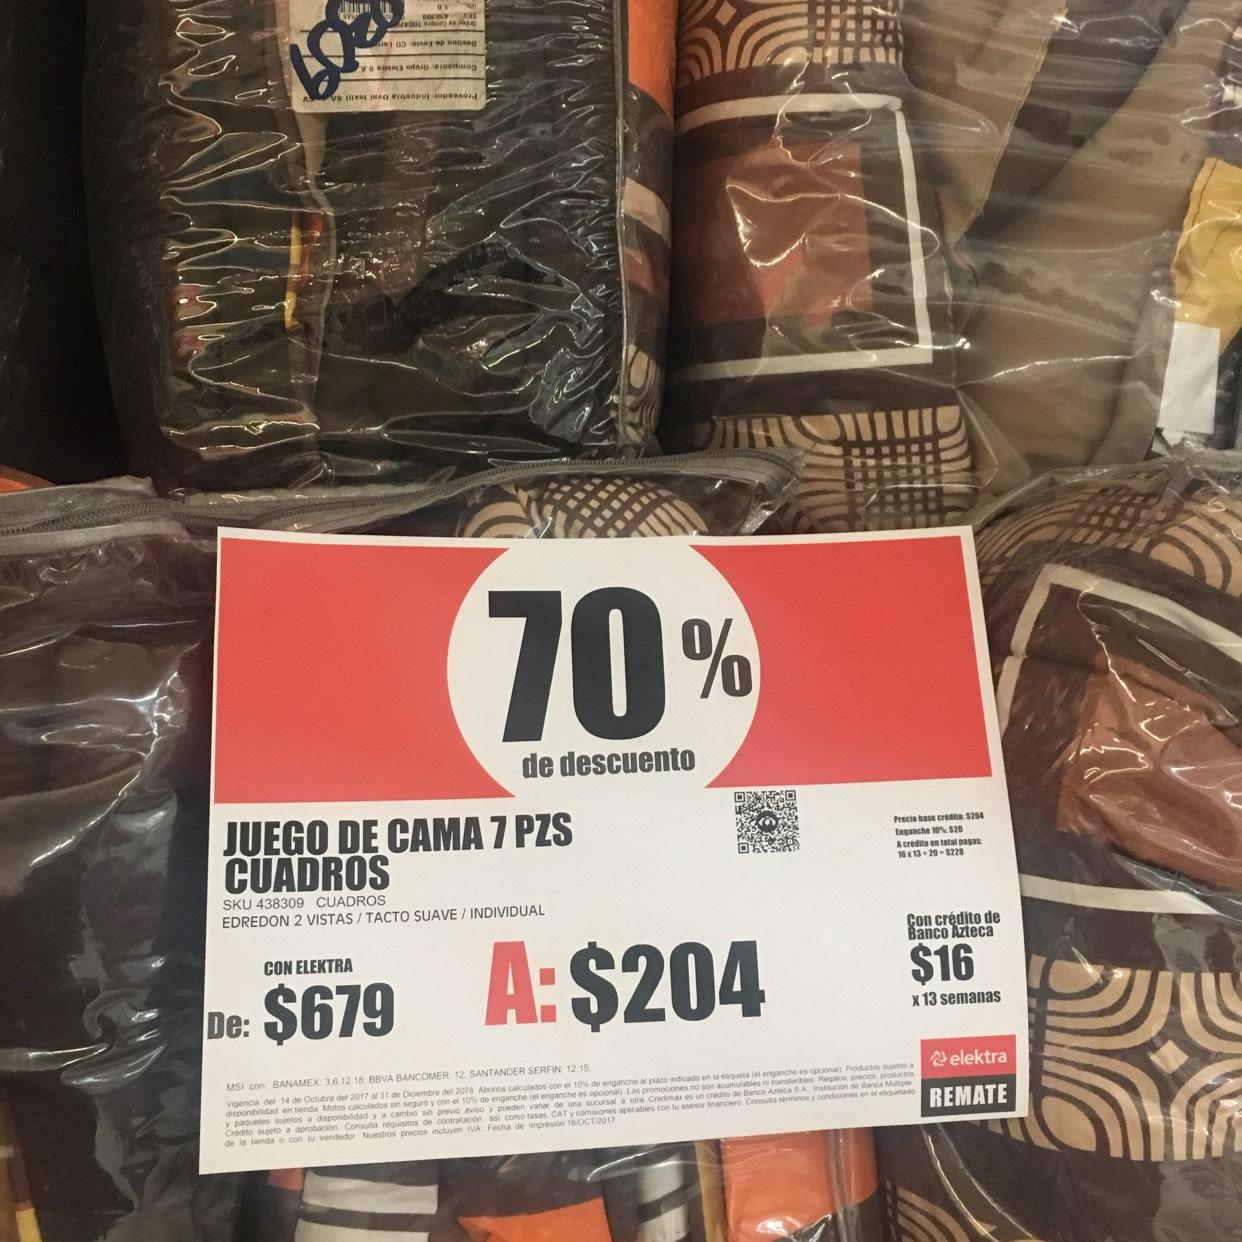 Elektra Tienda de Remates Cuautitlán Mexico: Juego de cama (edredón y más)